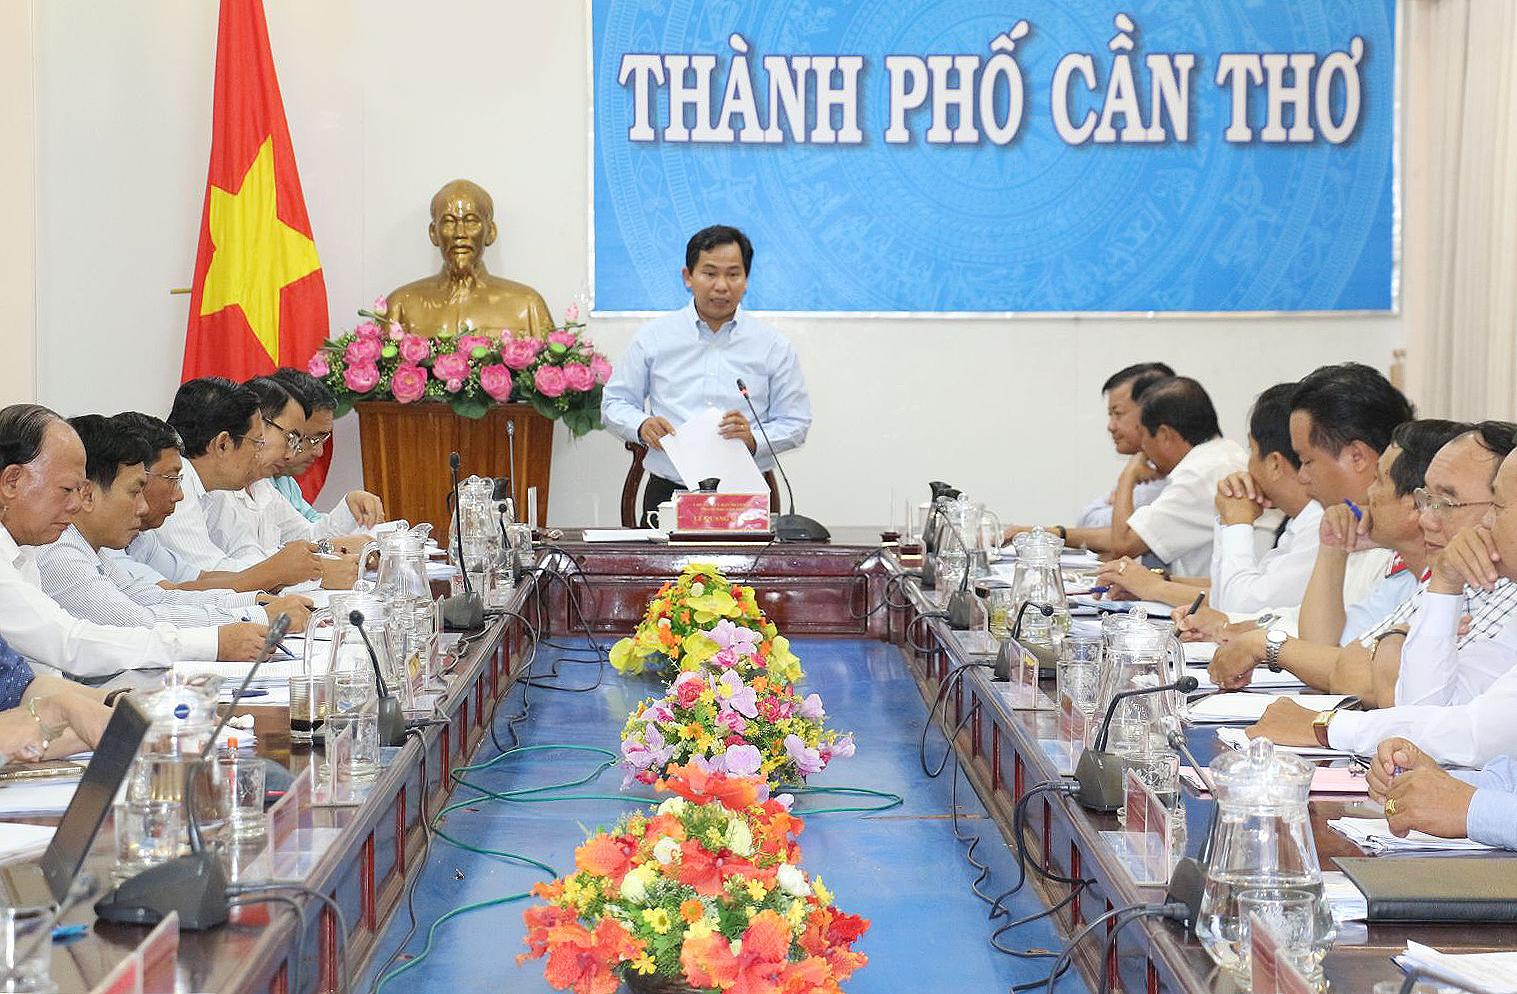 Ông Lê Quang Mạnh, Chủ tịch UBND thành phố chỉ đạo cuộc họp. Ảnh: Nam Hương